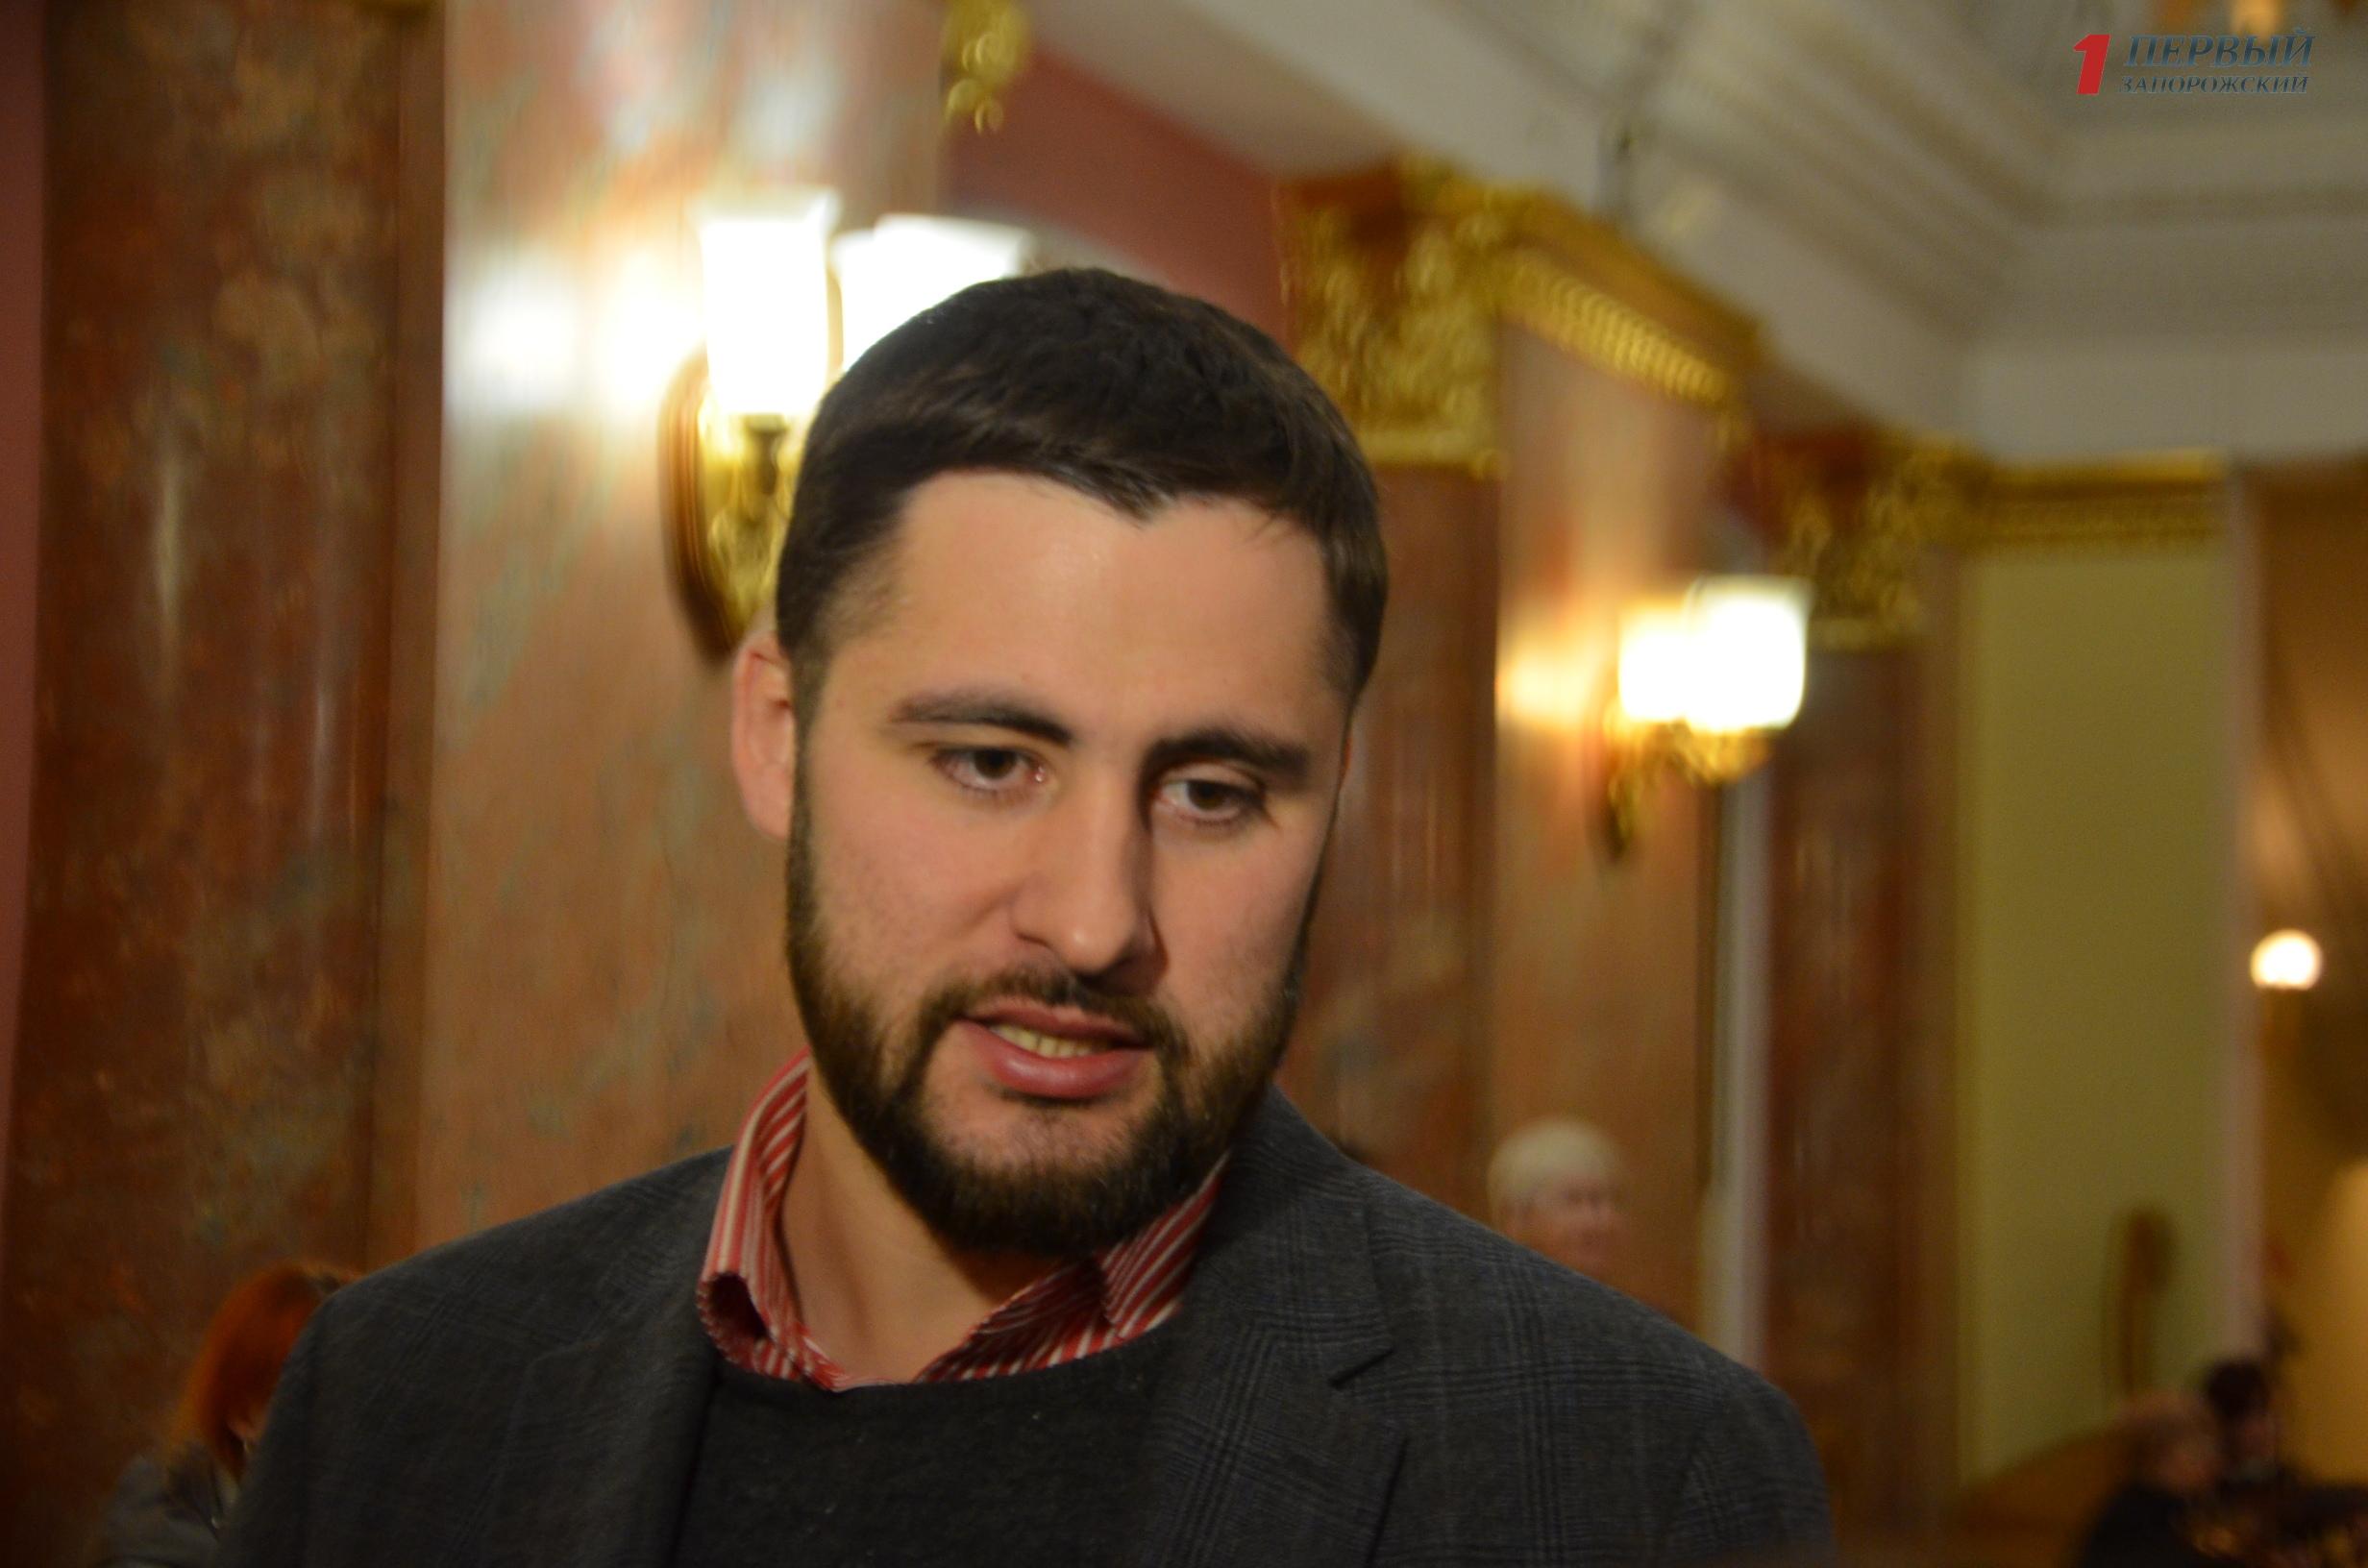 Заммэра Запорожья Анатолия Пустоварова госпитализировали в больницу с травмой - ВИДЕО